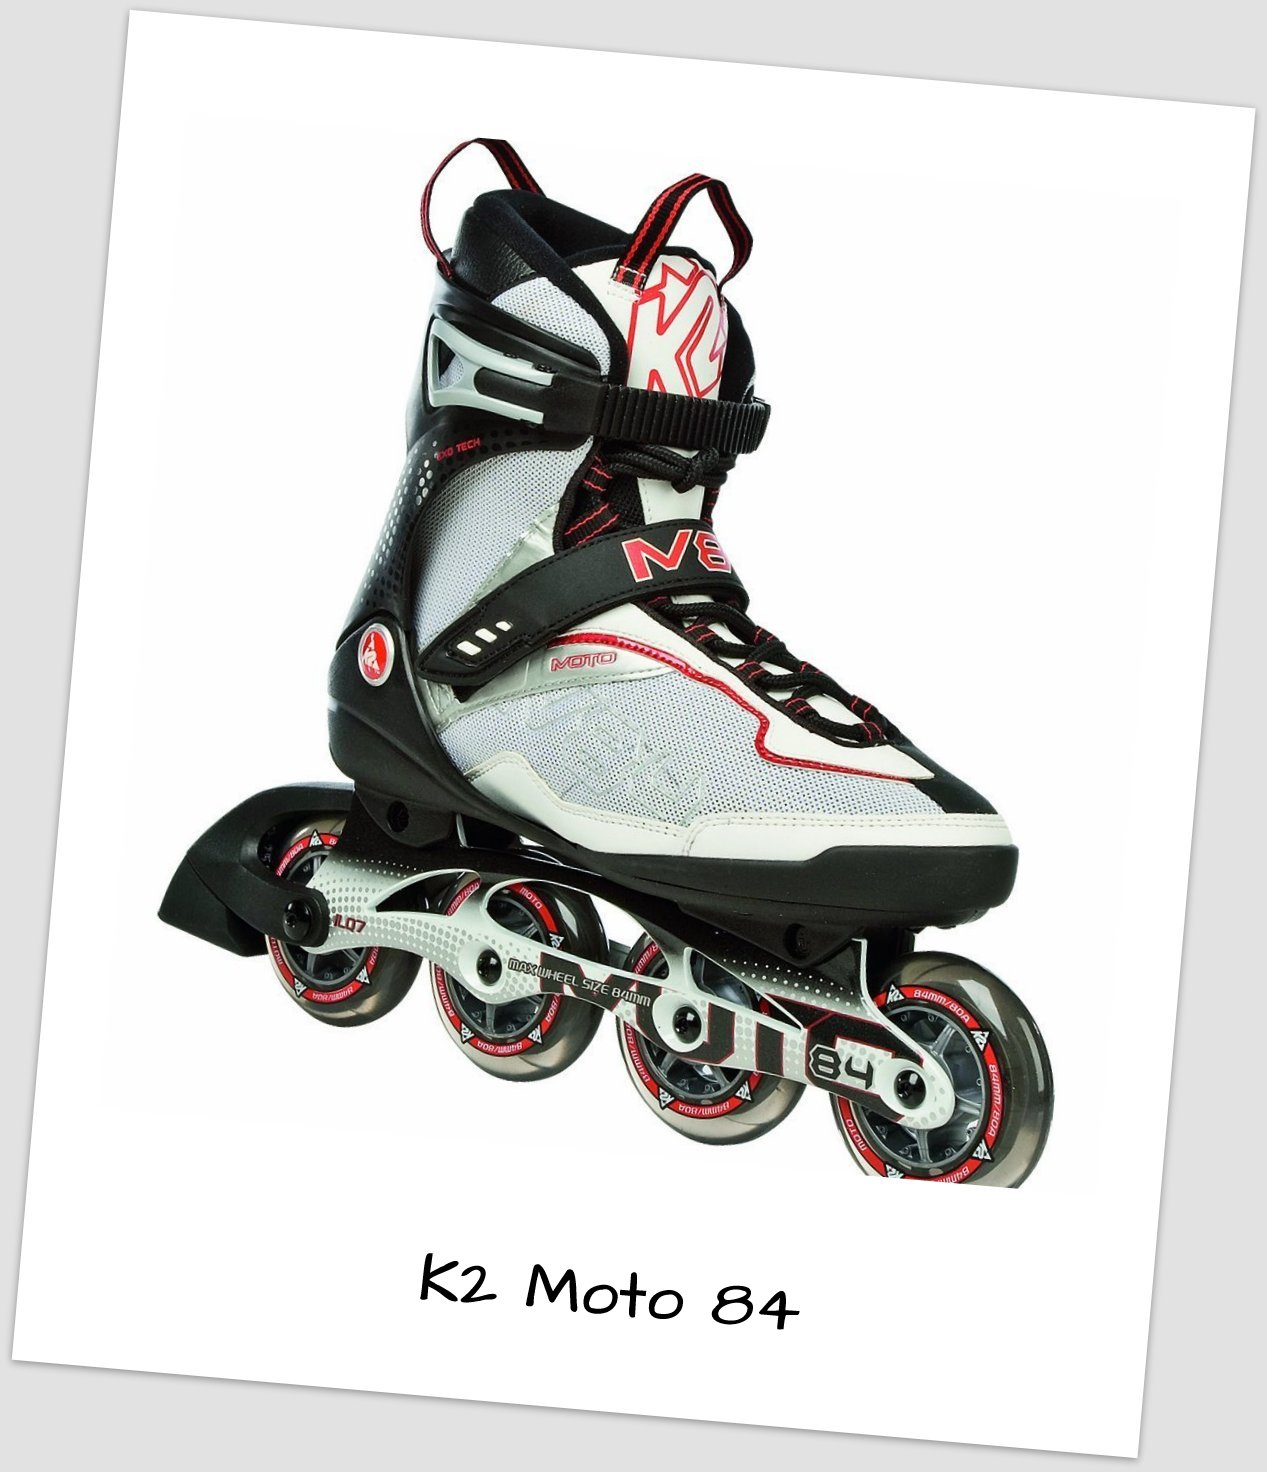 k2moto84.jpg